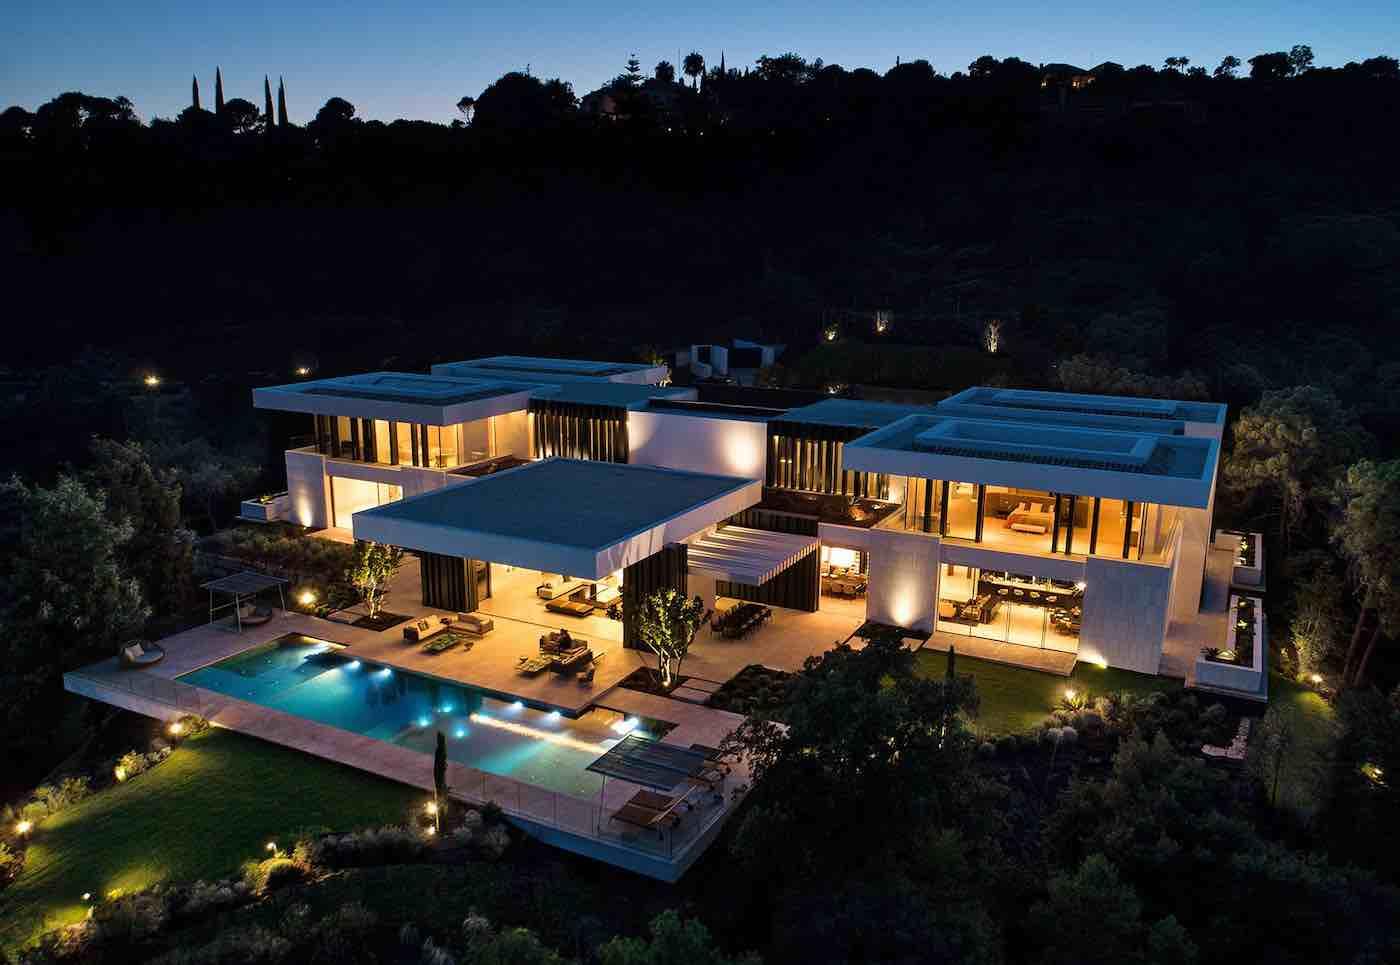 Vendida Villa Cullinan en La Zagaleta (Marbella), la mejor mansión de Europa, en venta por 32 millones de euros